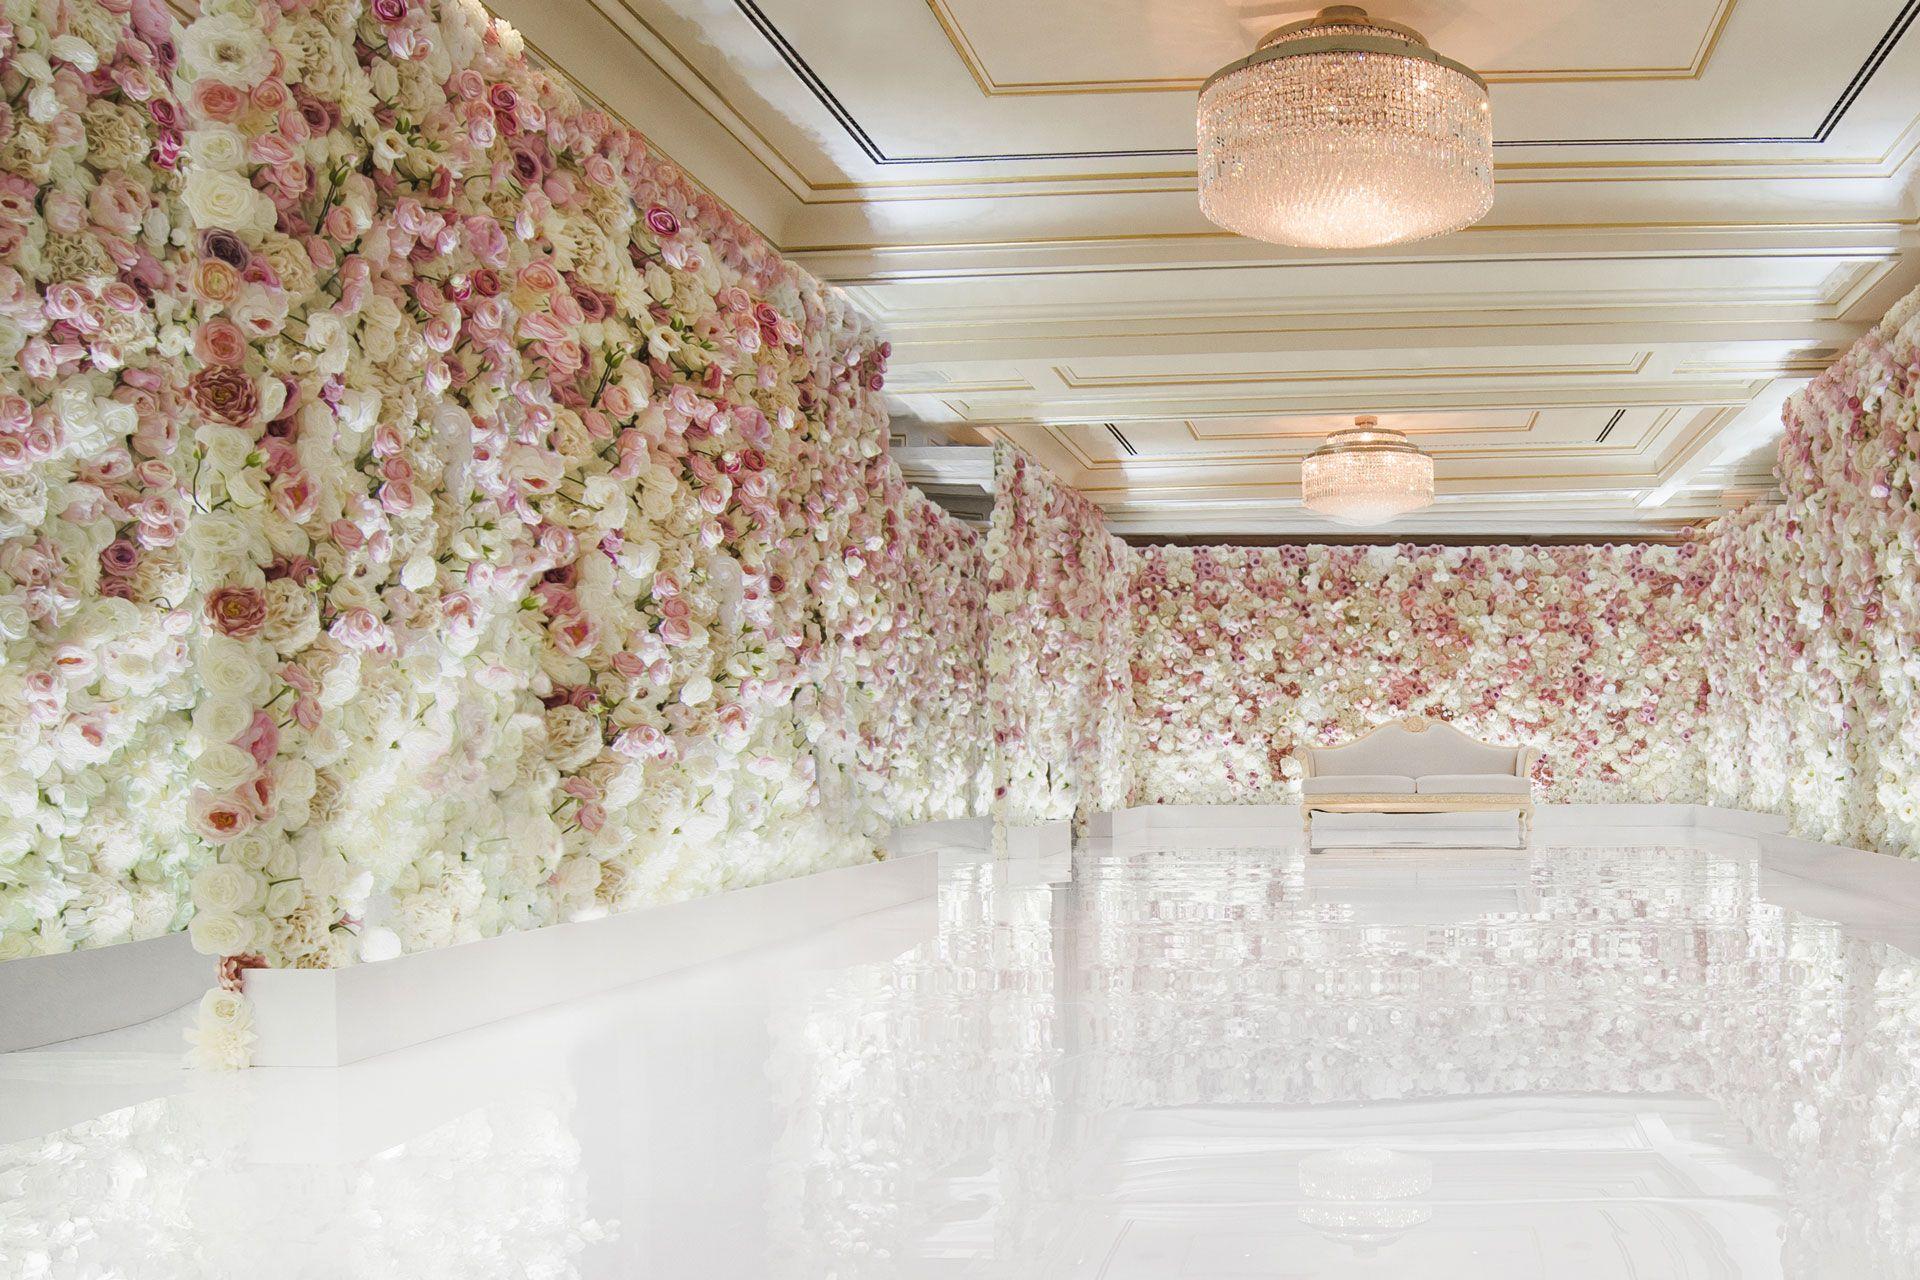 Студия декора Юлии Шакировой, цветочная свадьба, фото 14